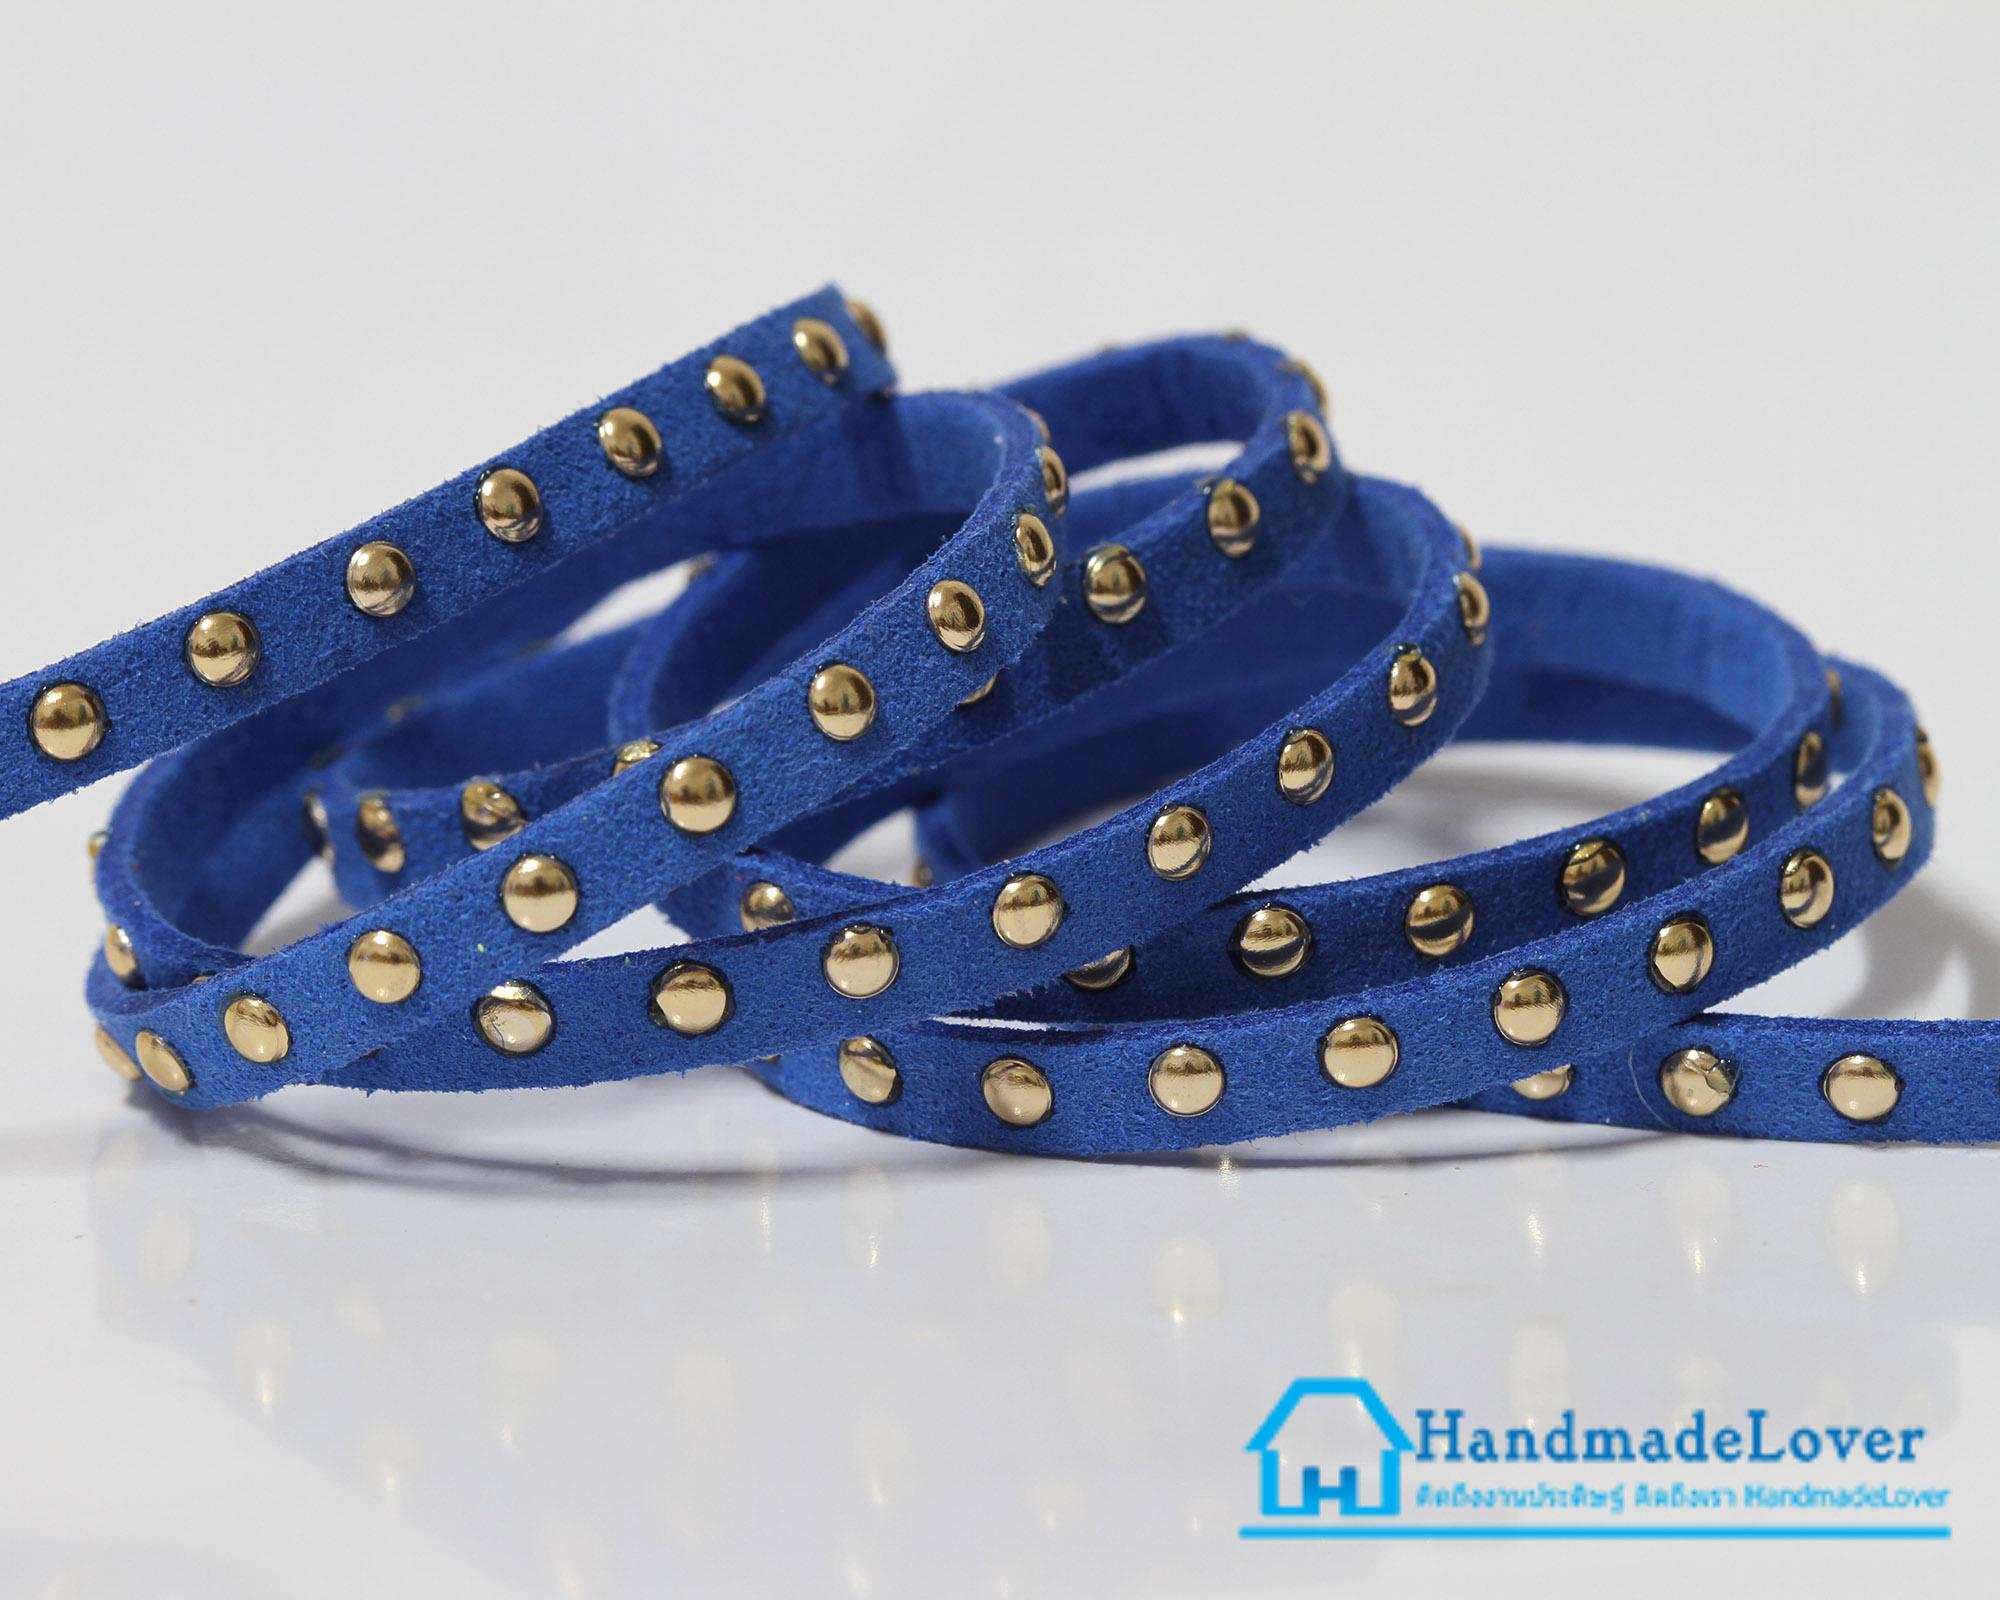 เชือกหนังชามุด สีน้ำเงิน ขนาด 5 mm.